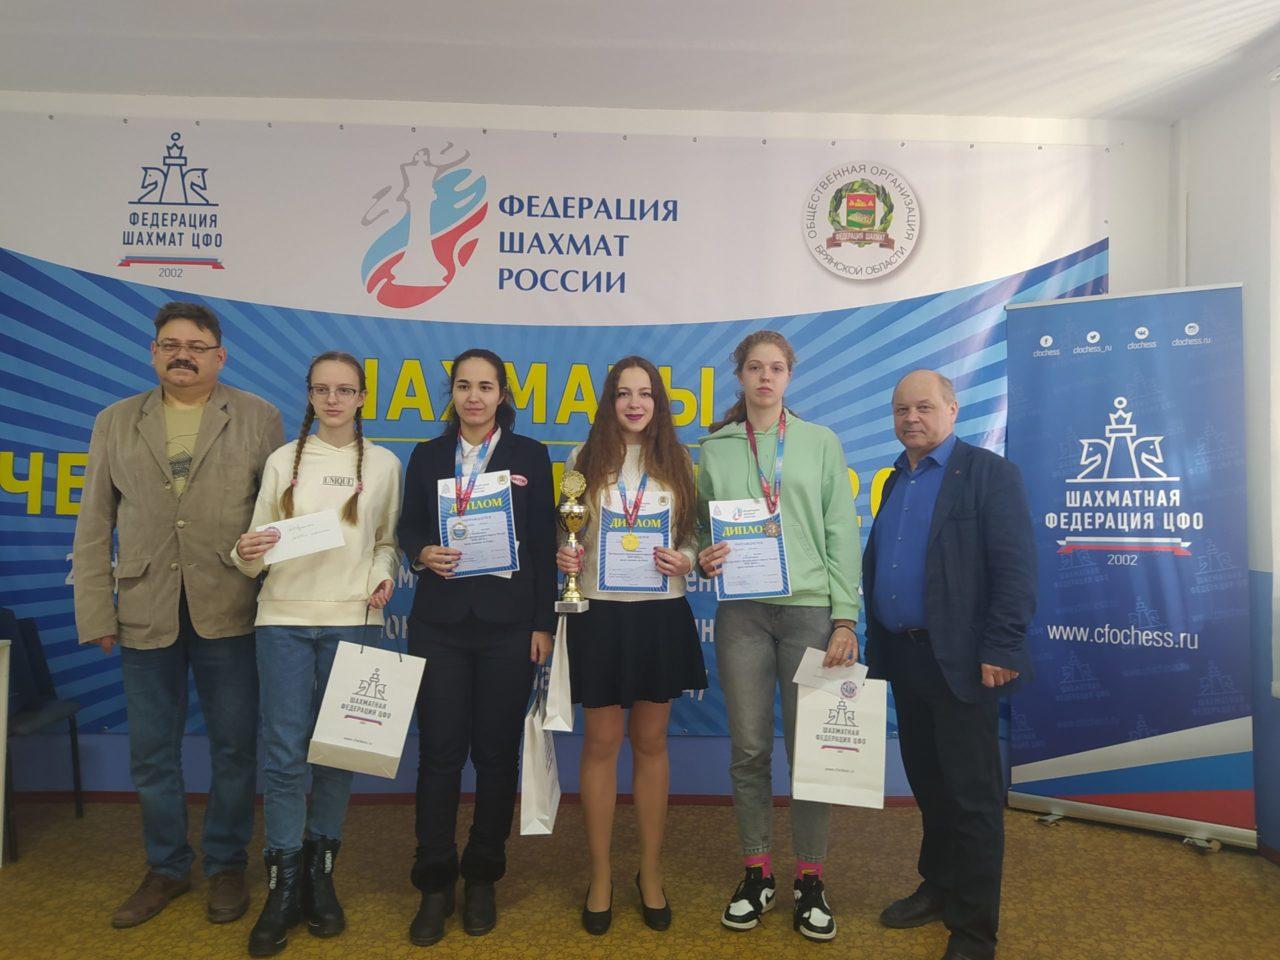 Три шахматных турнира состоялись в Брянске